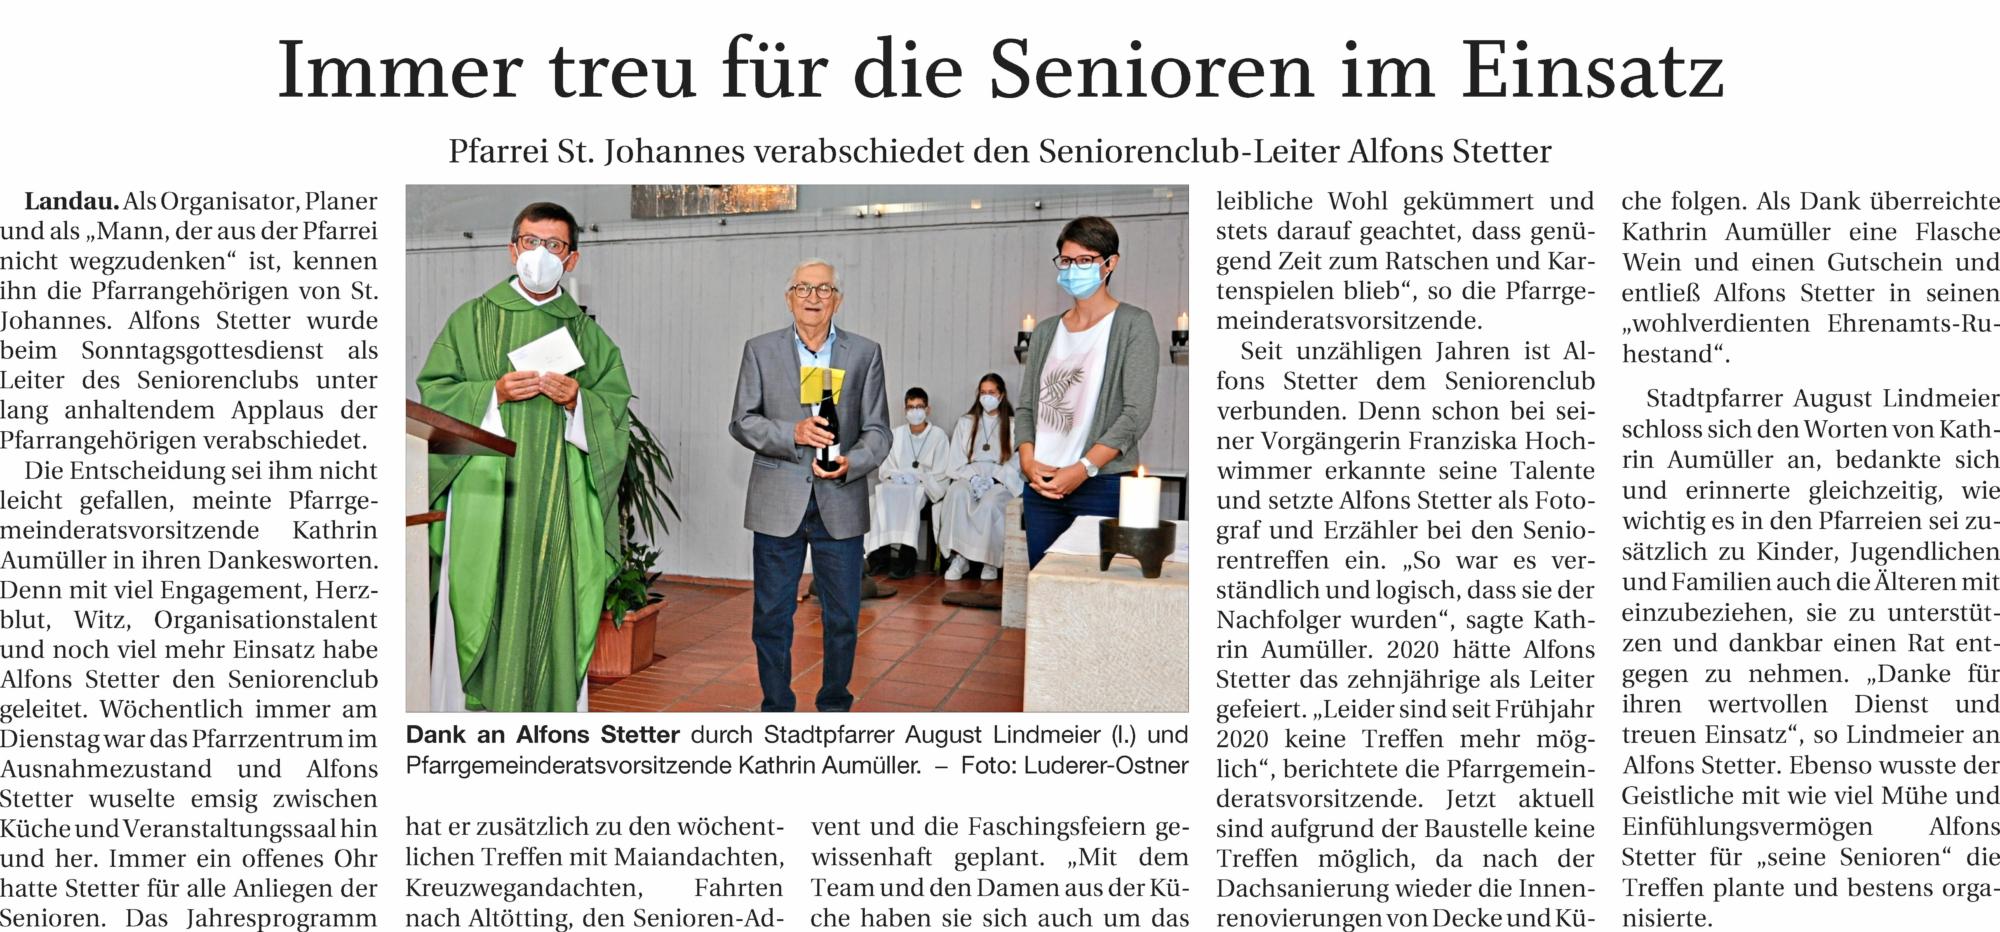 2021-09-21#Abschied_Leiter_Seniorenclub_Stetter_2021-09-19.jpg